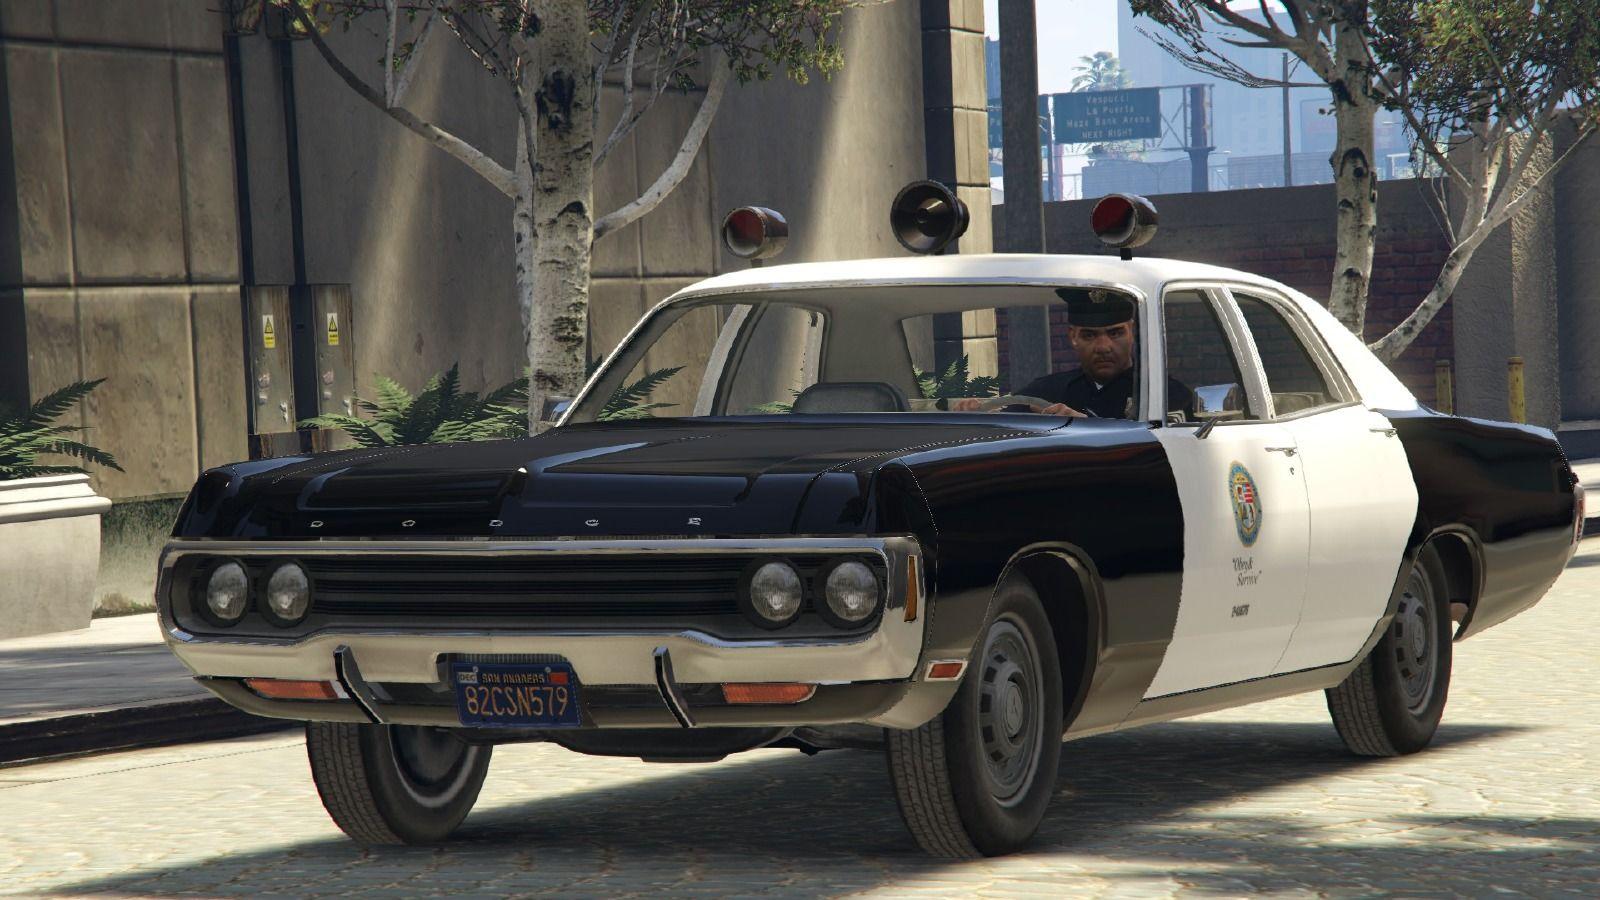 Dodge Polara 1971 Police GTA V   GTA   Dodge, Gta, Mopar